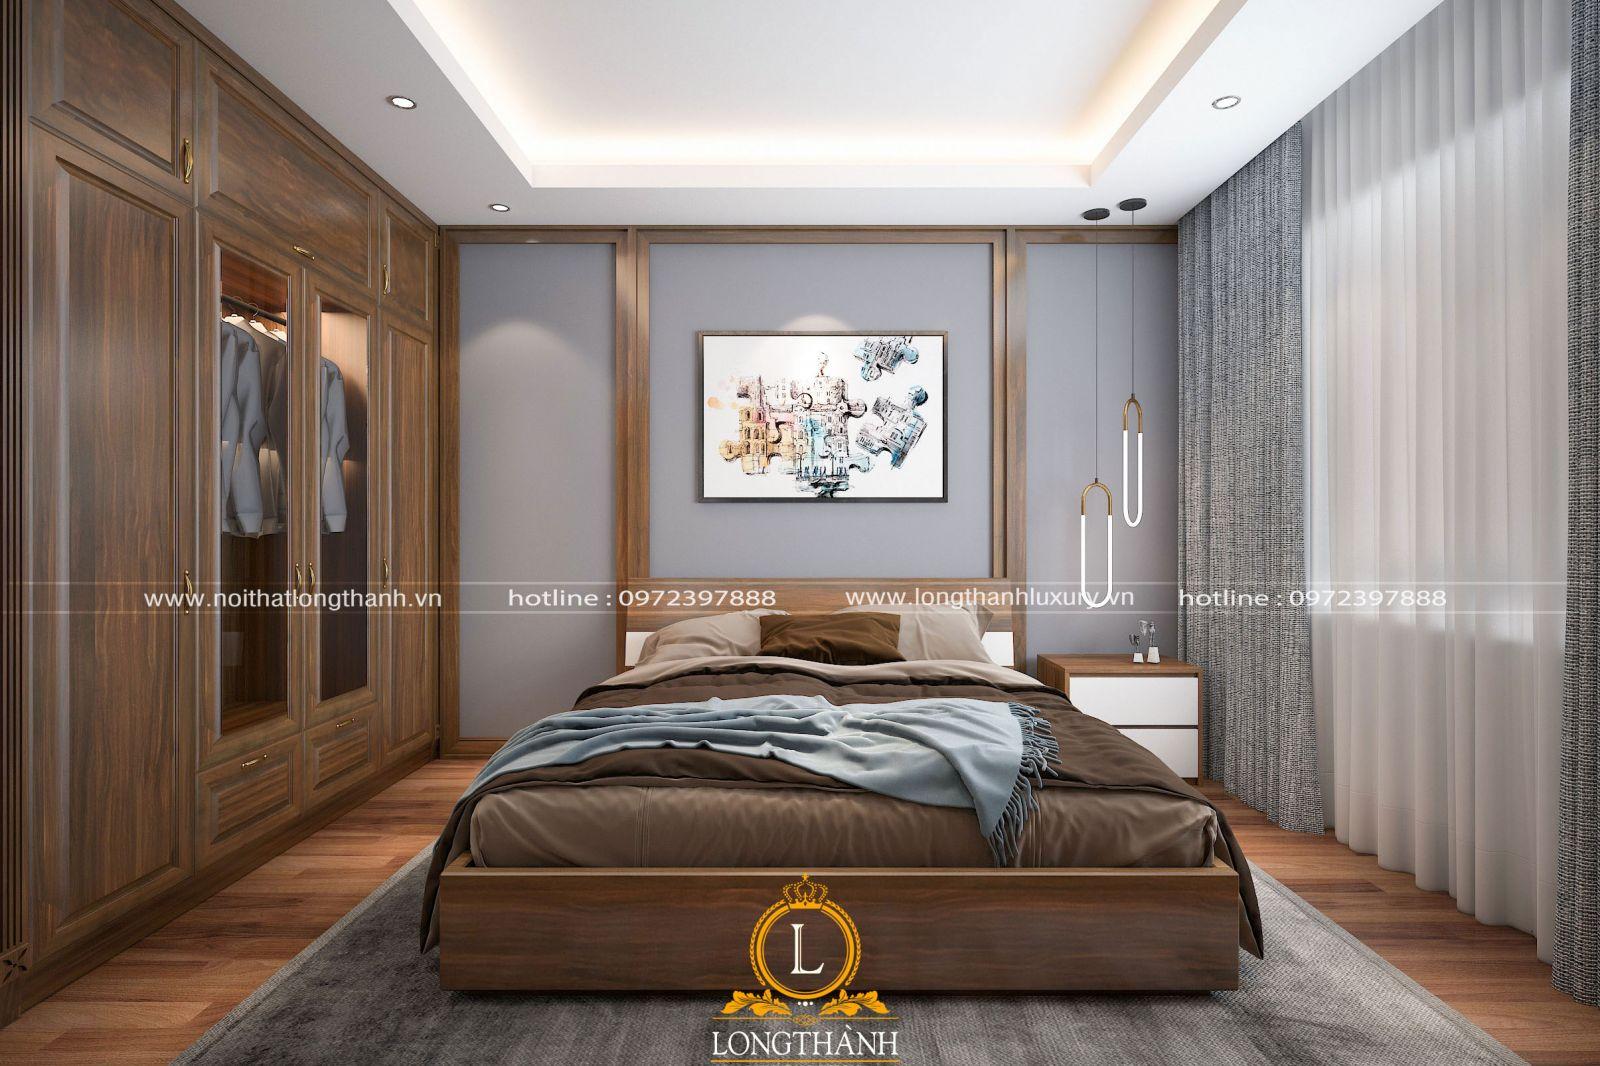 Đơn giản, tiện nghi cùng phòng ngủ hiện đại